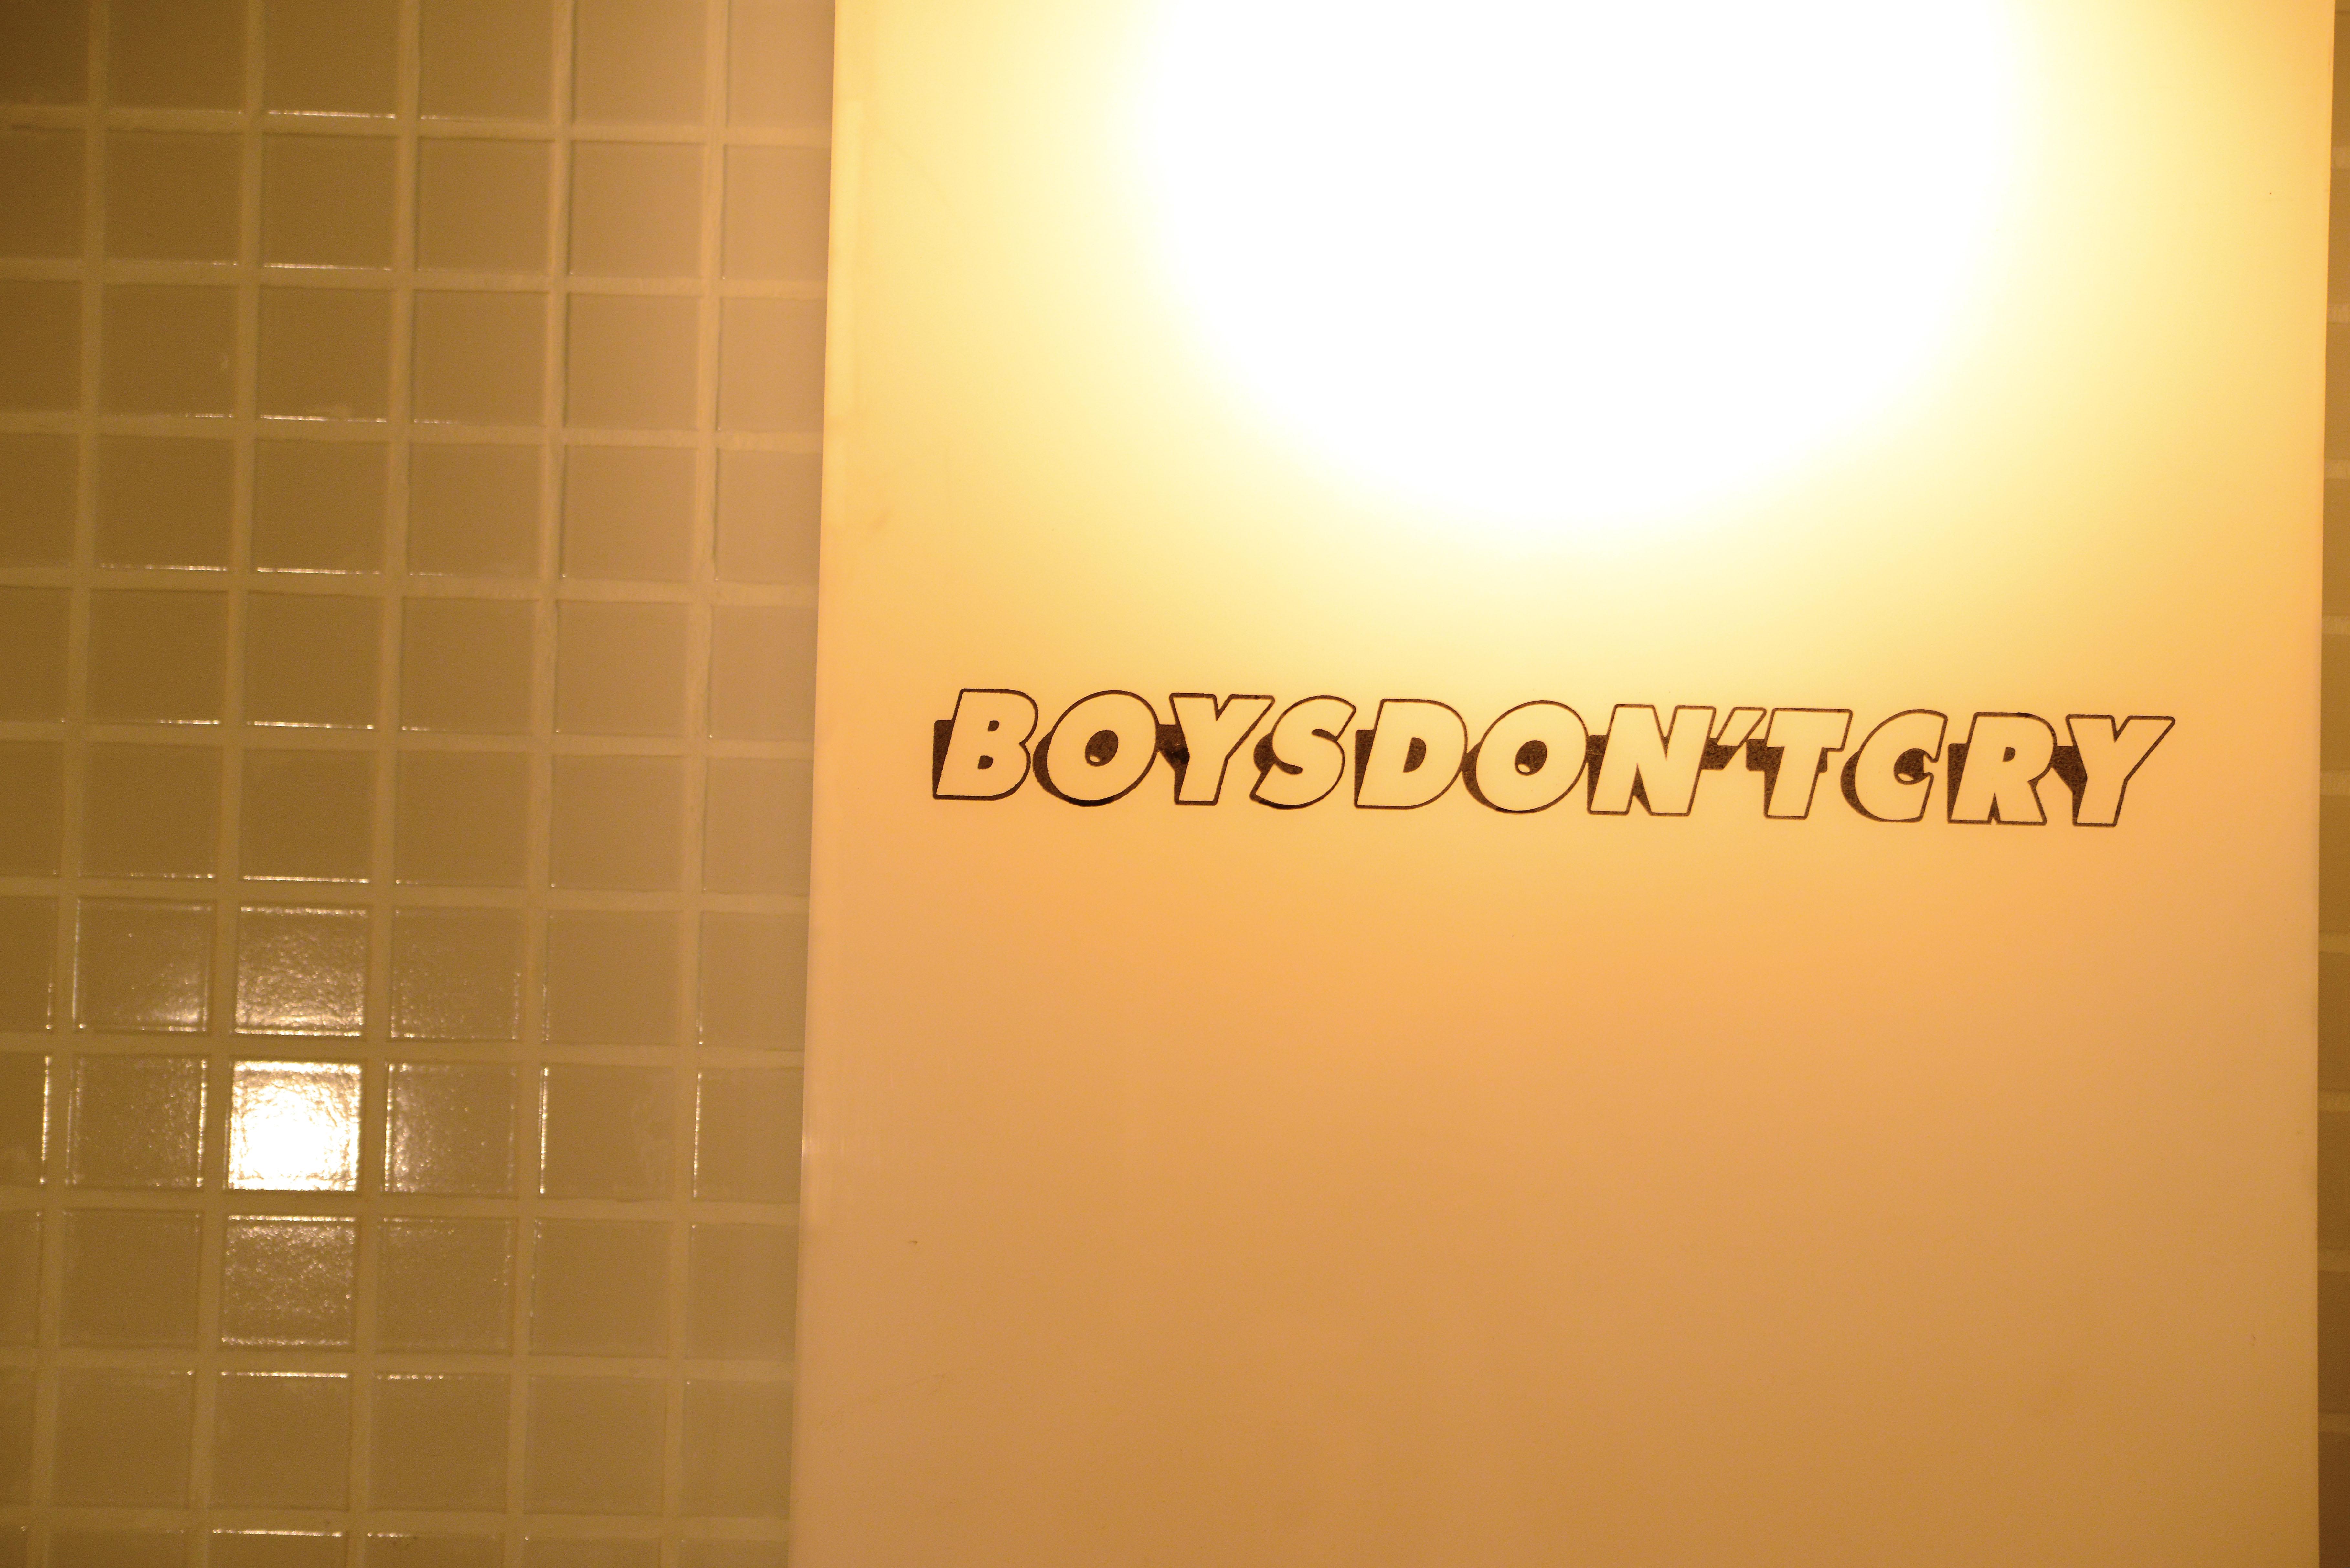 boydon' 17